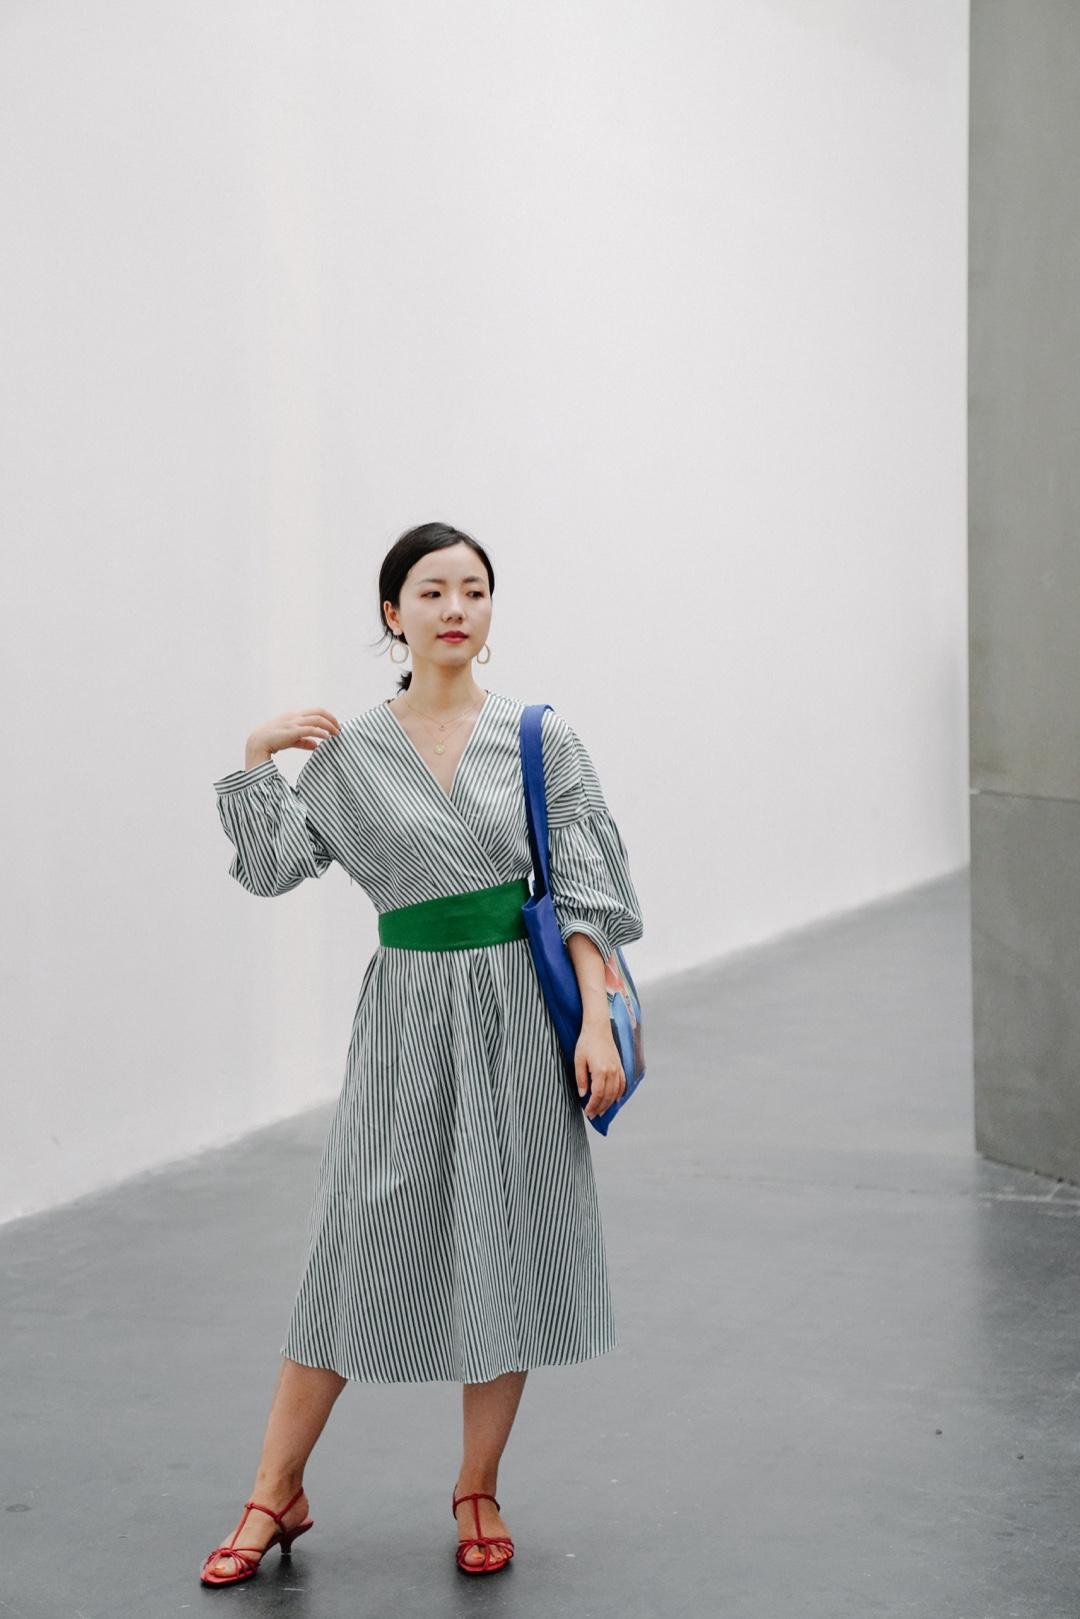 看展文艺穿搭| 毕加索:一位天才的诞生 终于去看了毕加索展。美术馆因为自带文艺气息,穿上也宜简单,不要喧宾夺主。但是又需要捎带一点设计感,呼应美术馆的艺术感。  连衣裙:icy 鞋子:zara 帆布袋:尤伦斯艺术商店 #适合小个子的入秋套装#